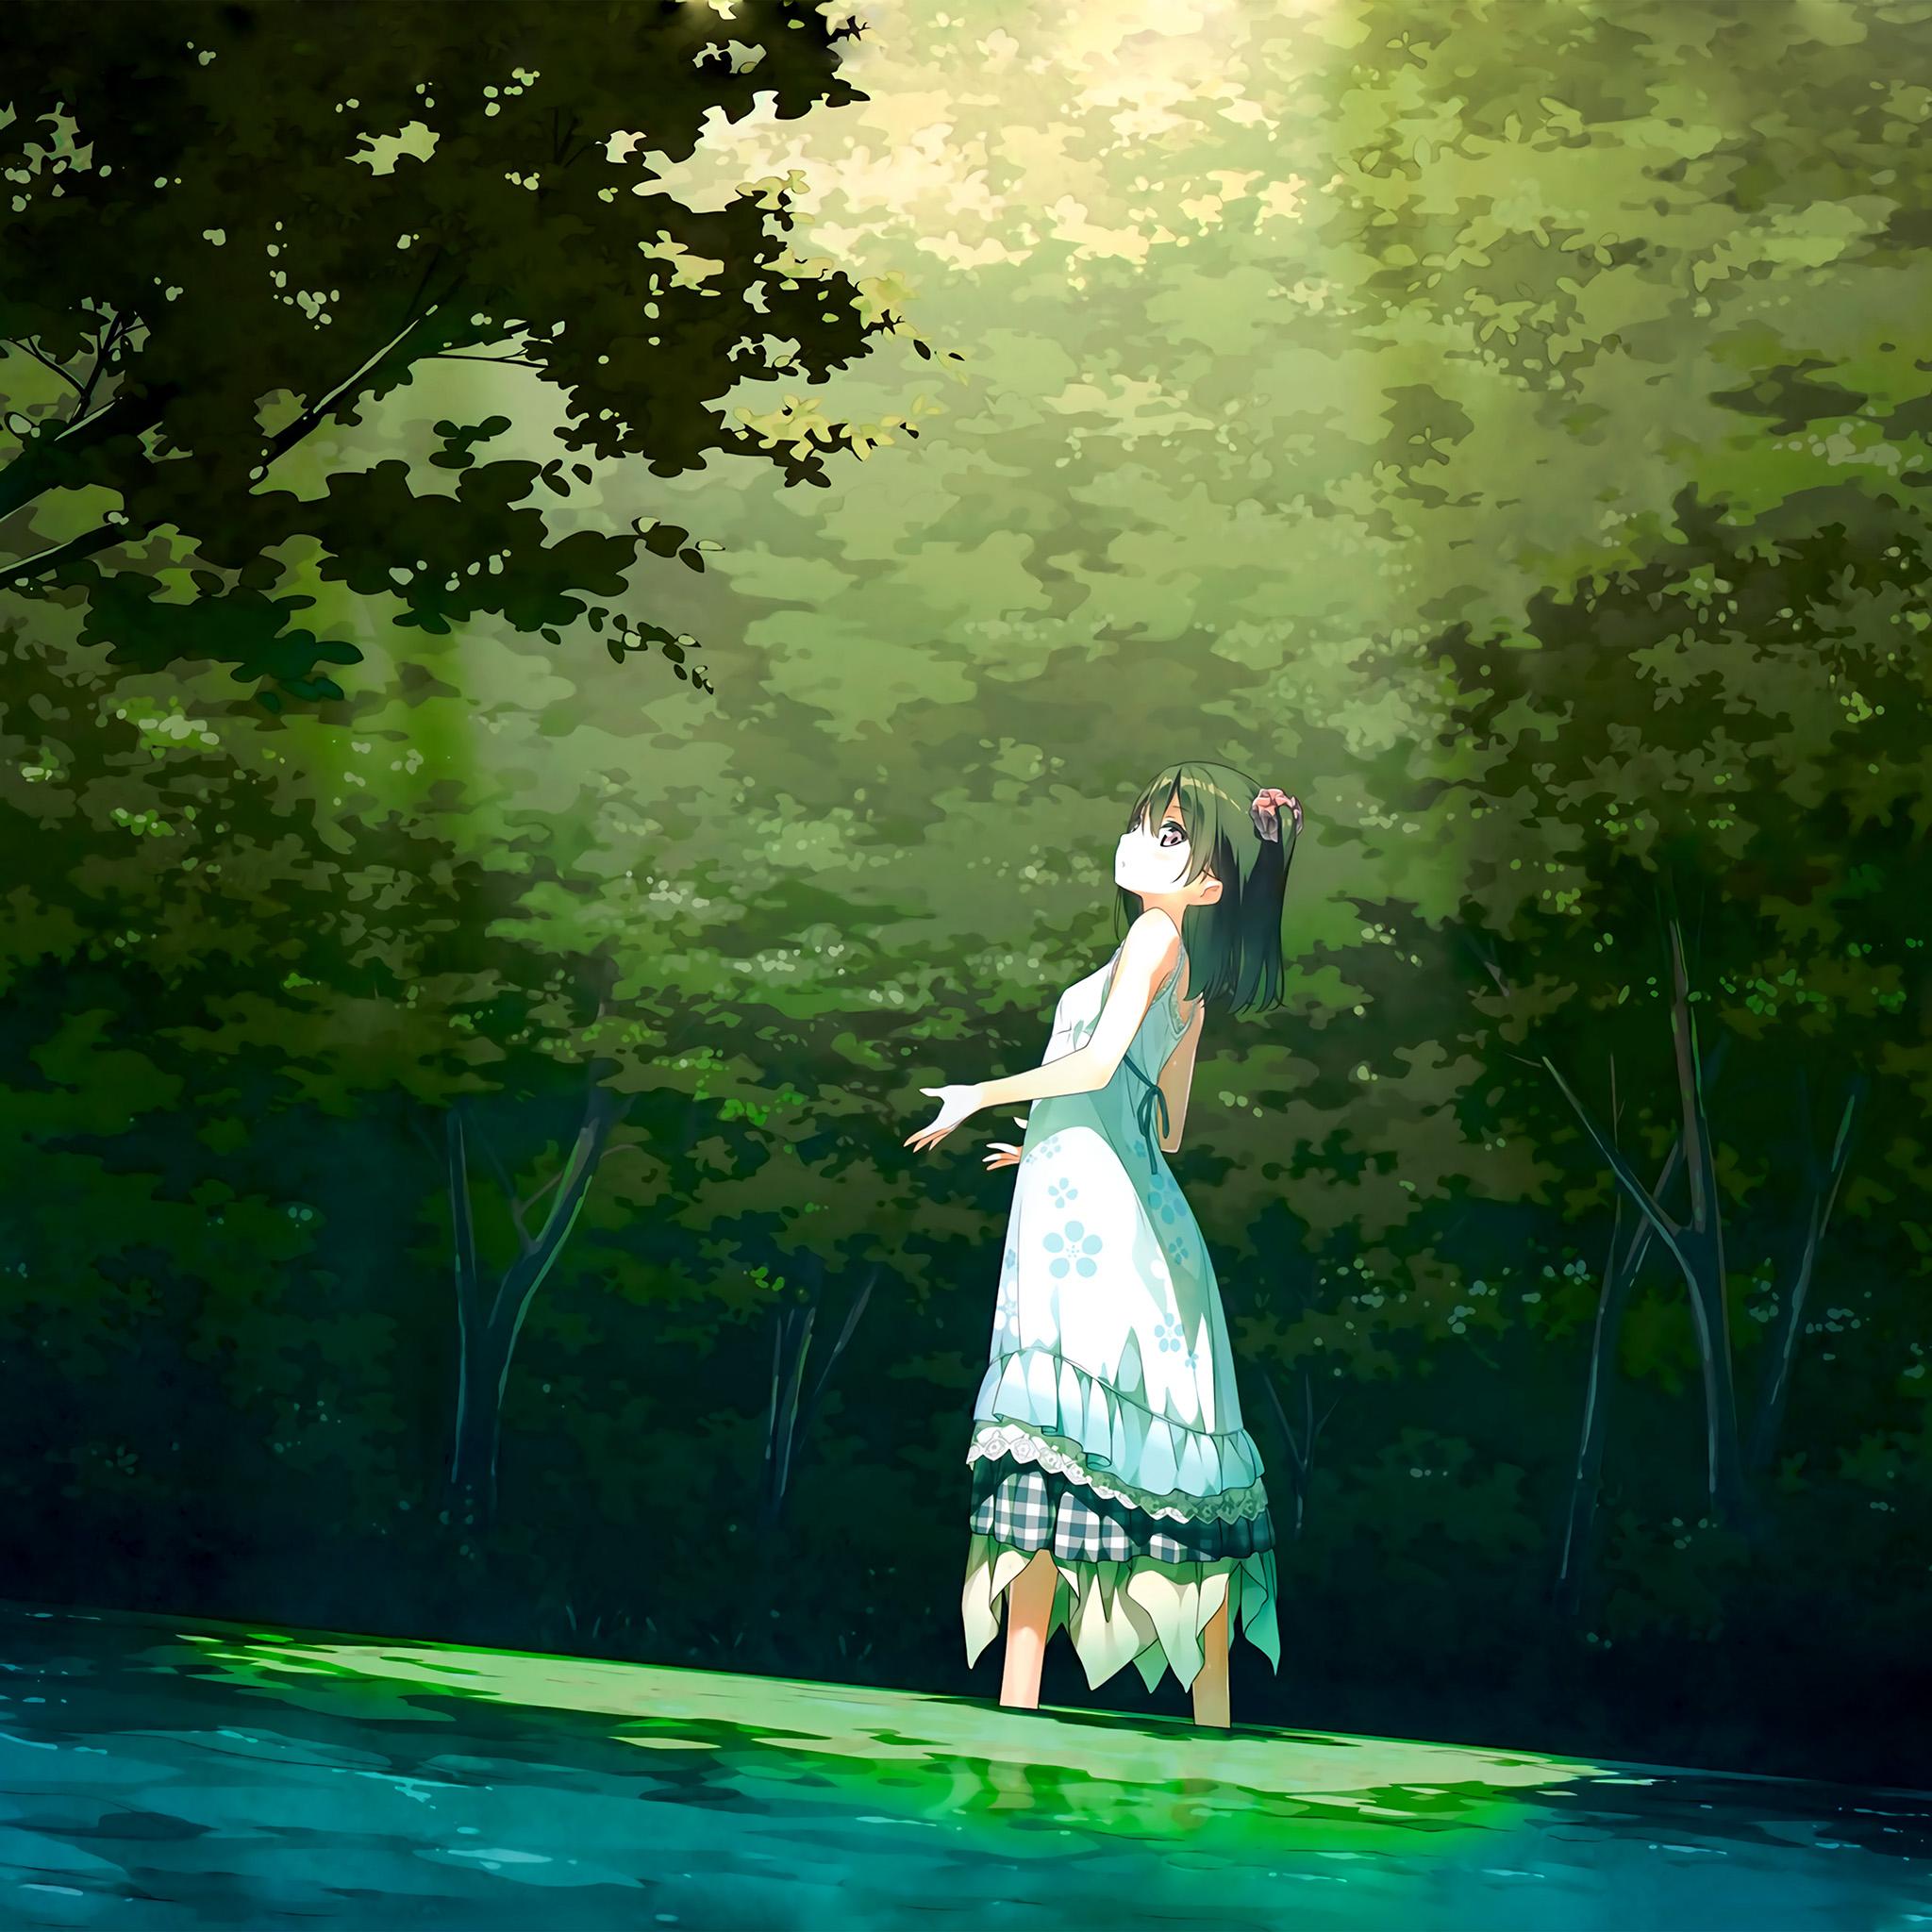 Car Classic Wallpaper Be21 Anime Girl Green Art Illustration Wallpaper